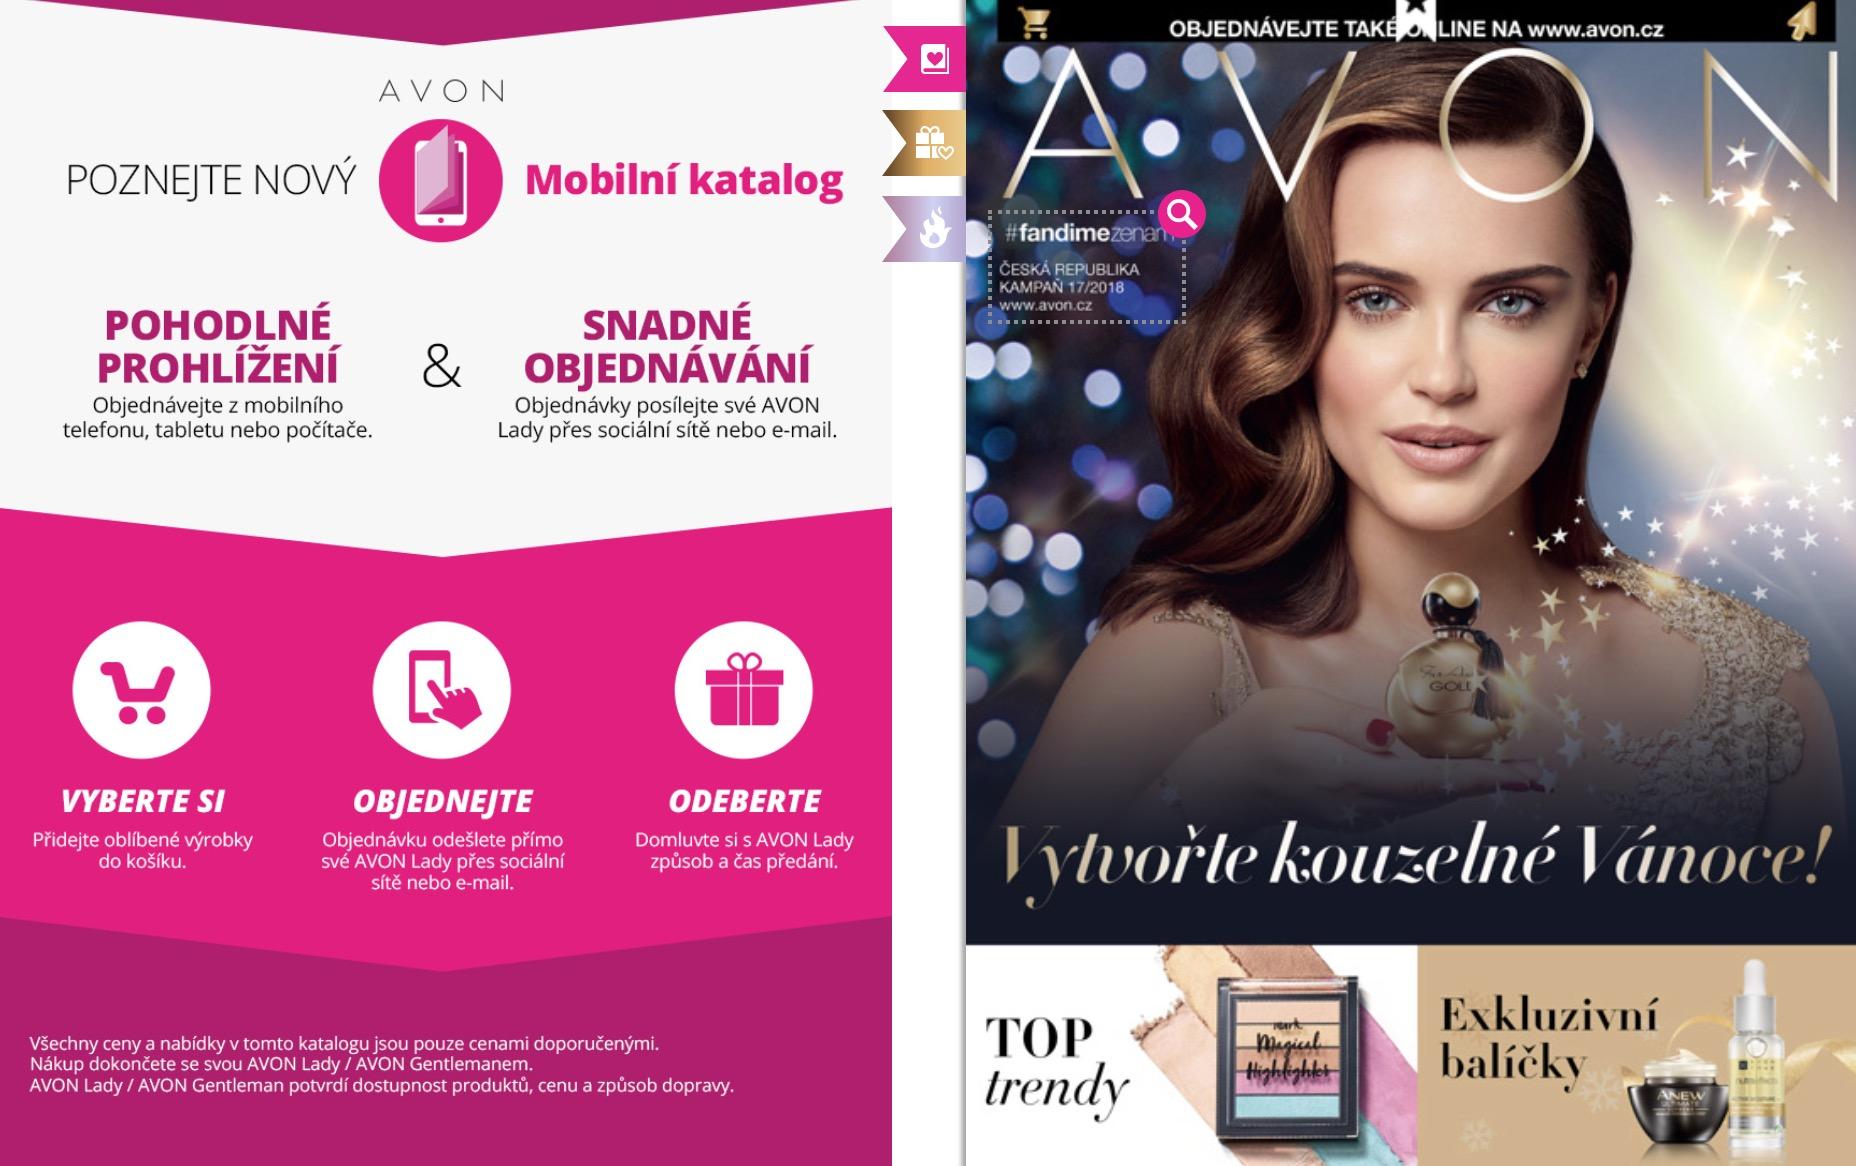 Mobilní katalog AVON K18/2018